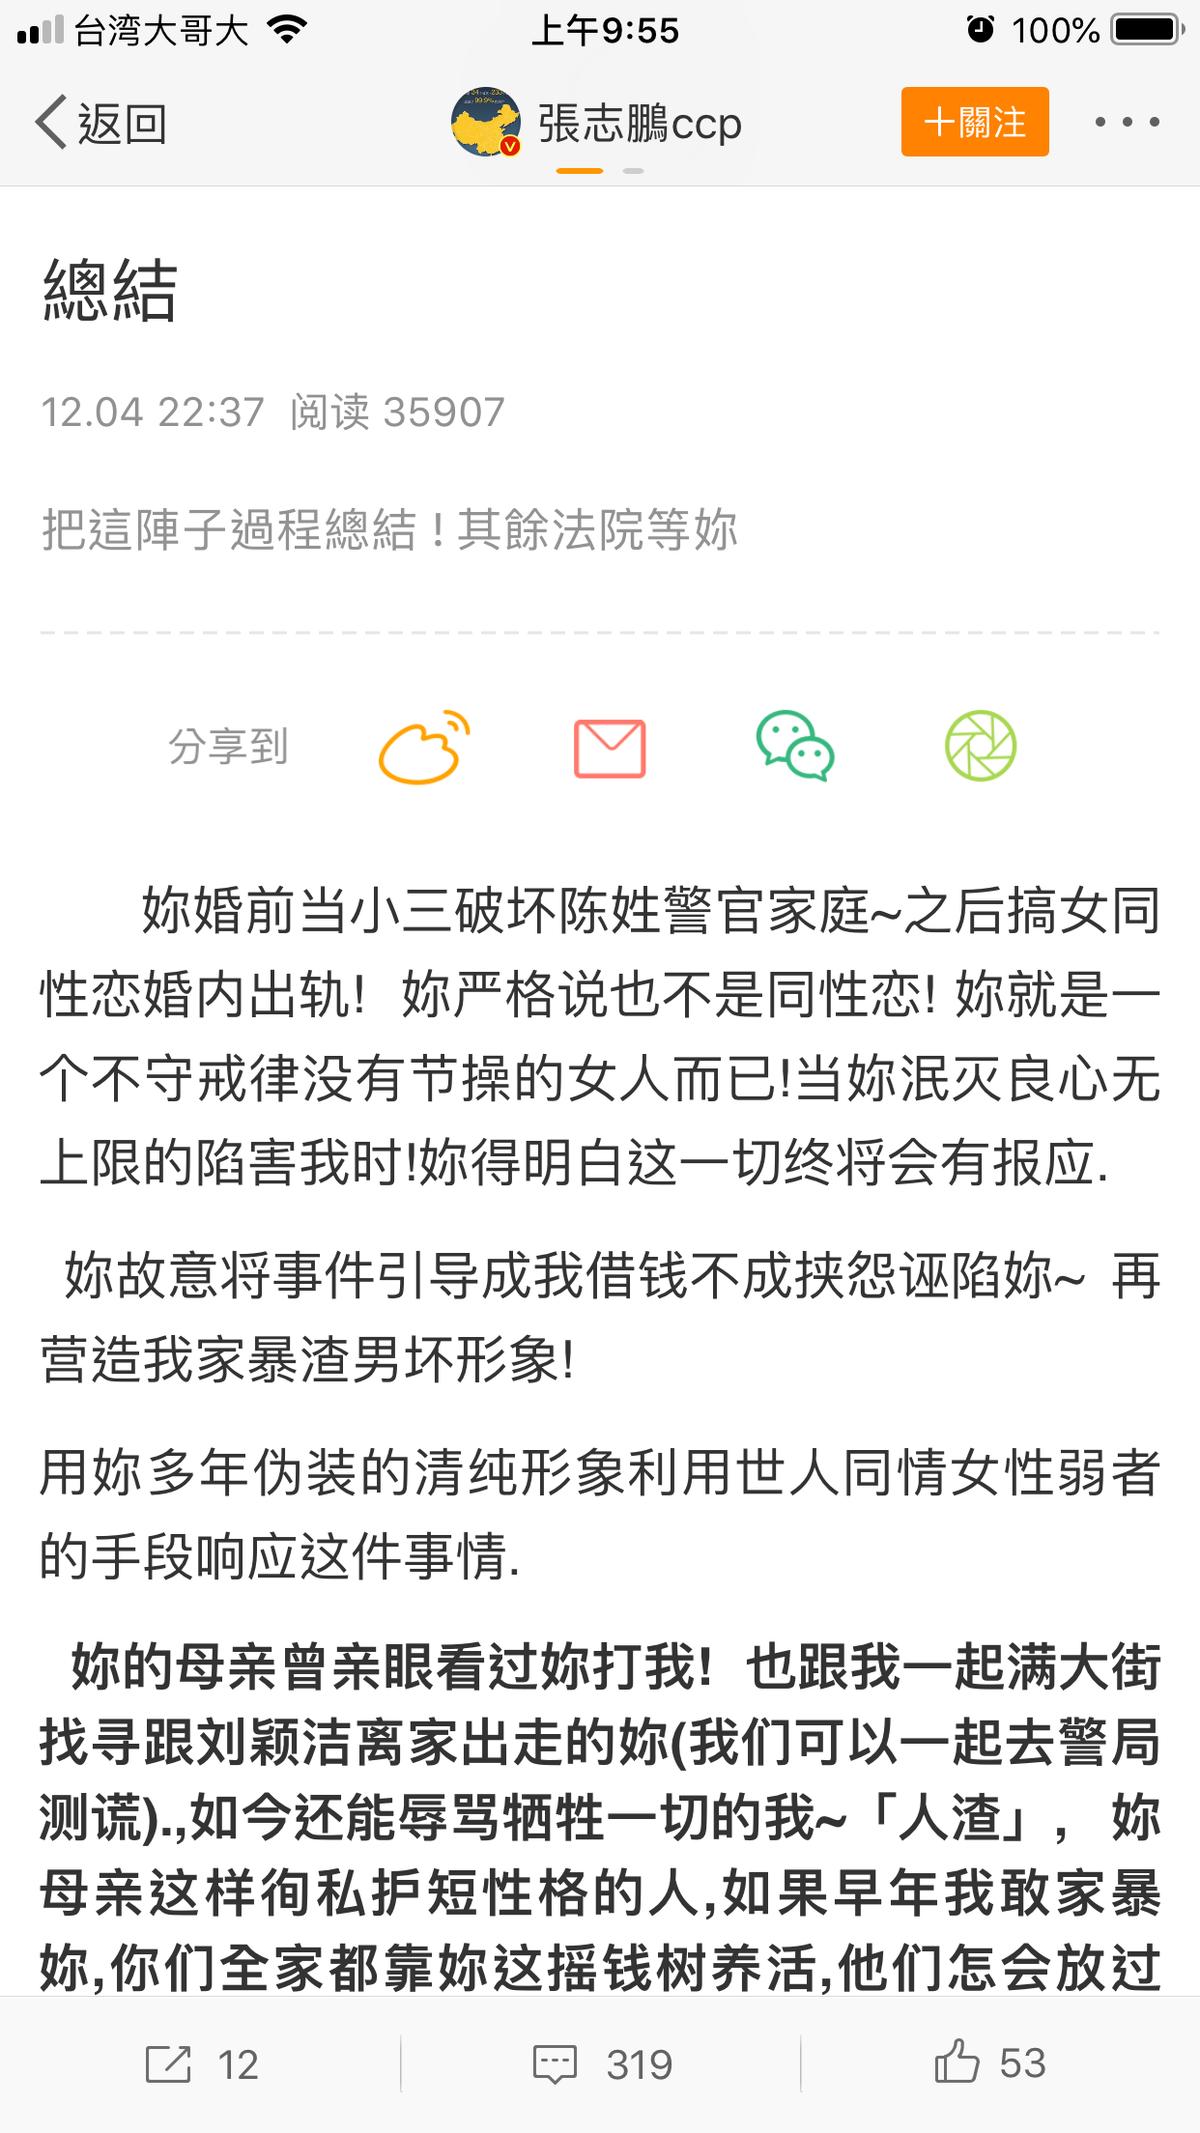 張志鵬的發文總結過去半個多月的雙方互嗆放話,並對孟庭葦提出質疑,表示法庭上律師也會請她說明。(翻攝自張志鵬微博)